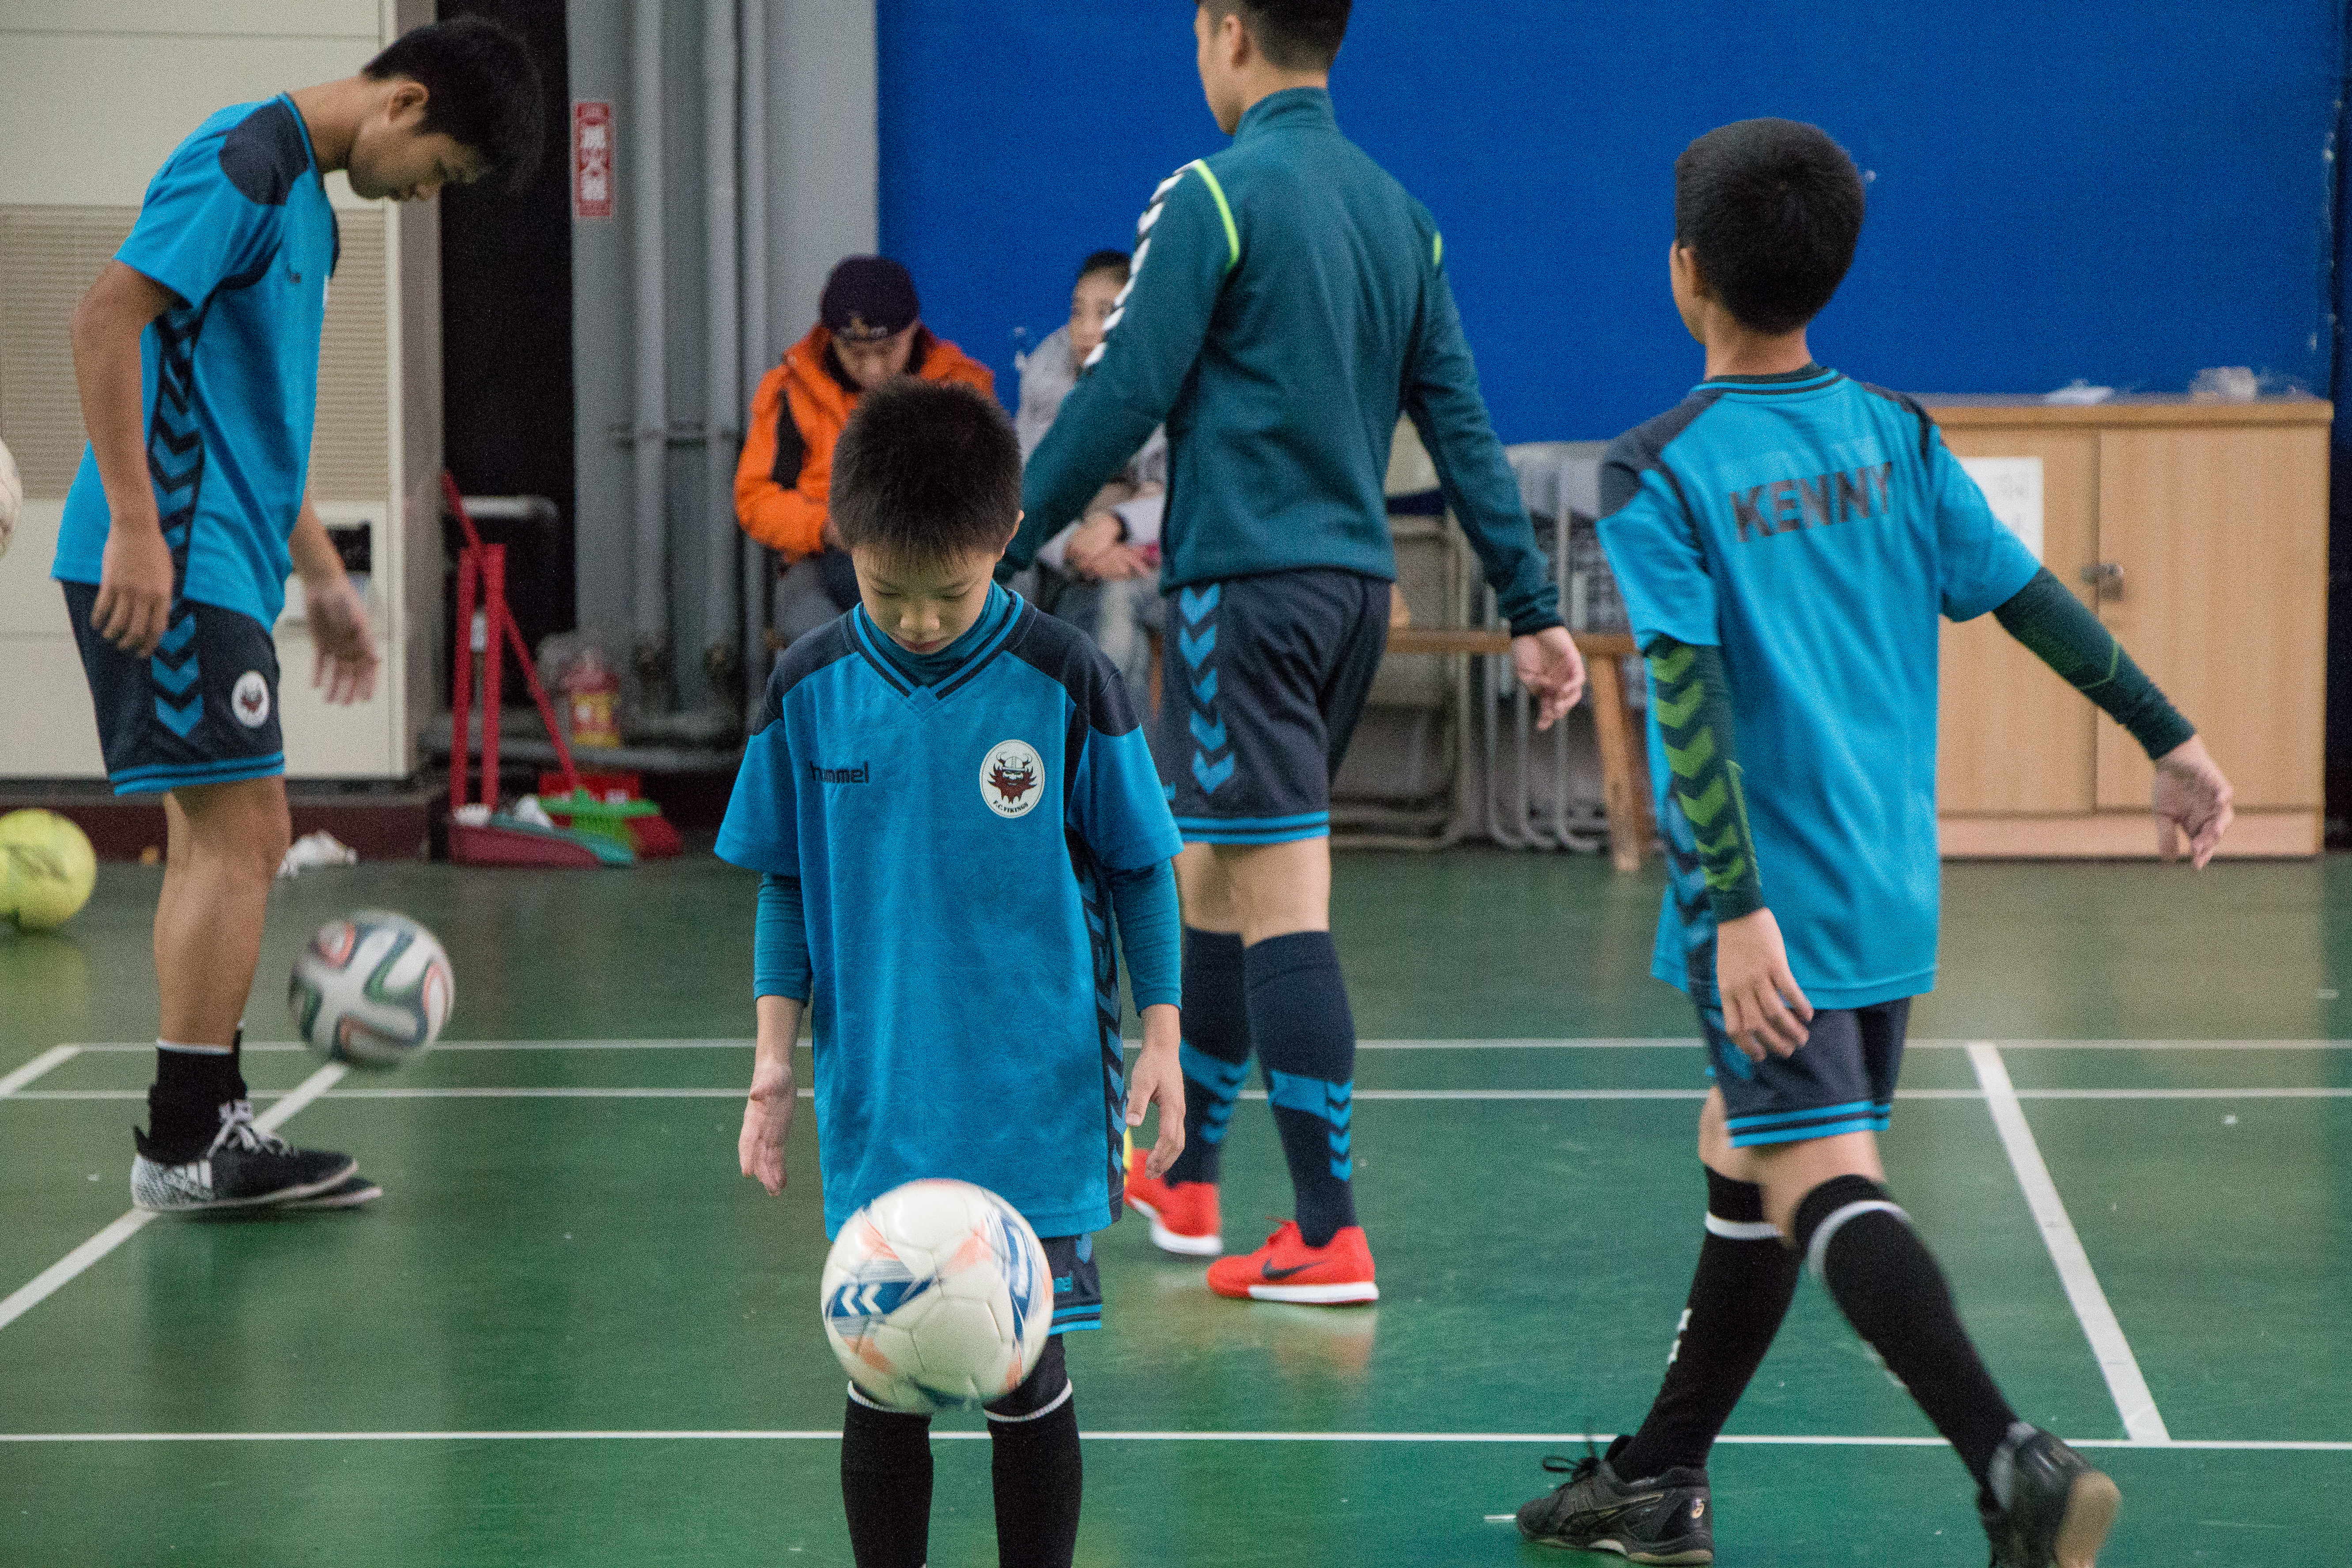 F.C. Vikings招收國小至高中的球員,球場上常可看見小小球員的身影。攝影/李振均